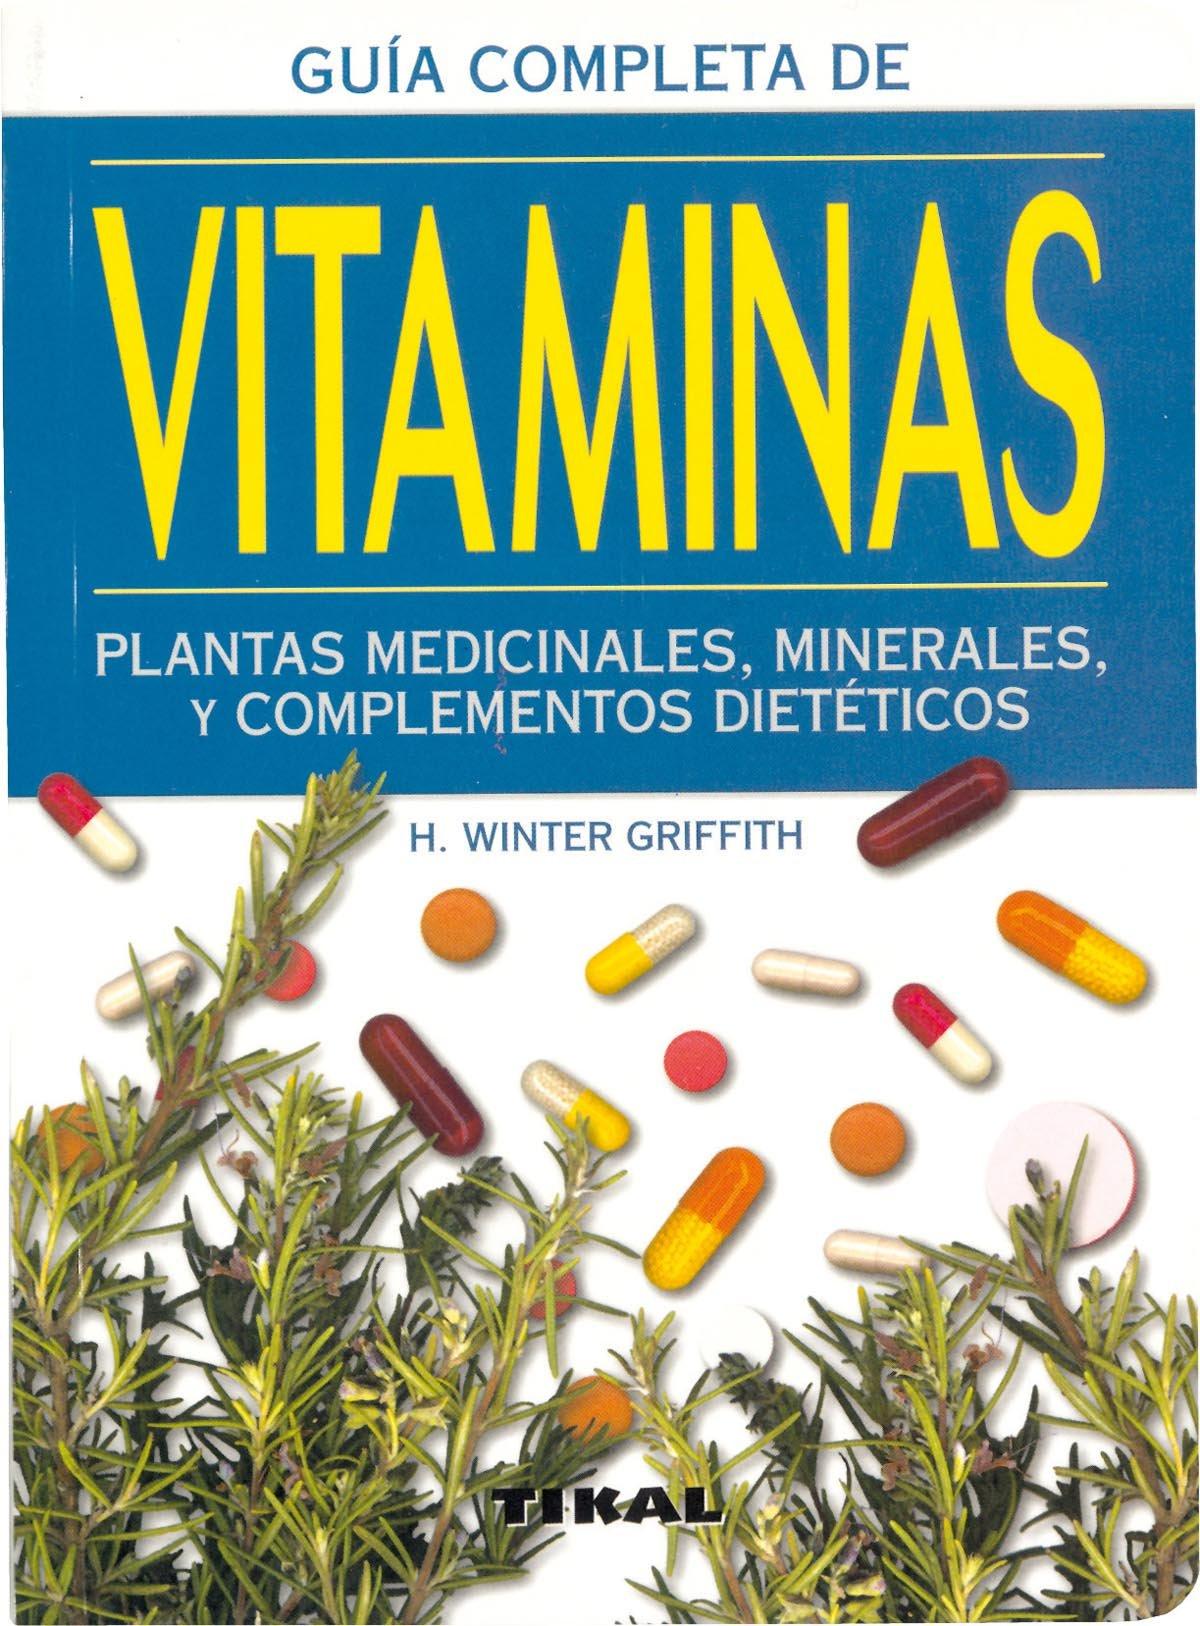 Guía completa de vitaminas: H Winter Griffith: 9788430595822: Amazon.com: Books